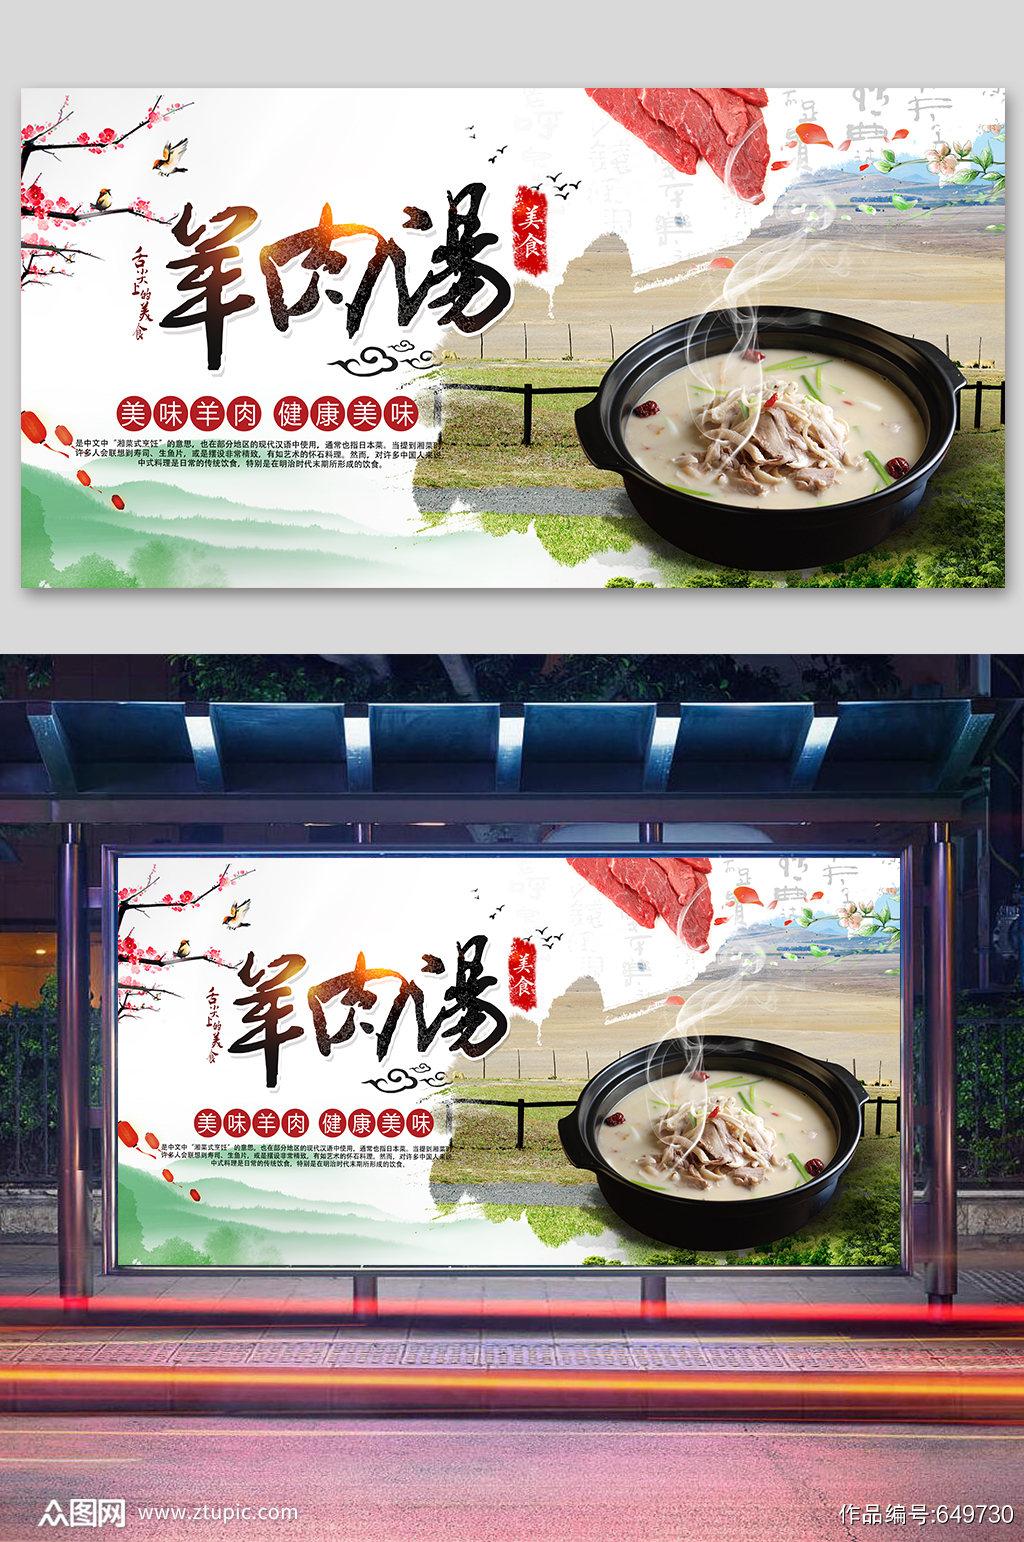 美味羊肉汤羊肉汤传单素材